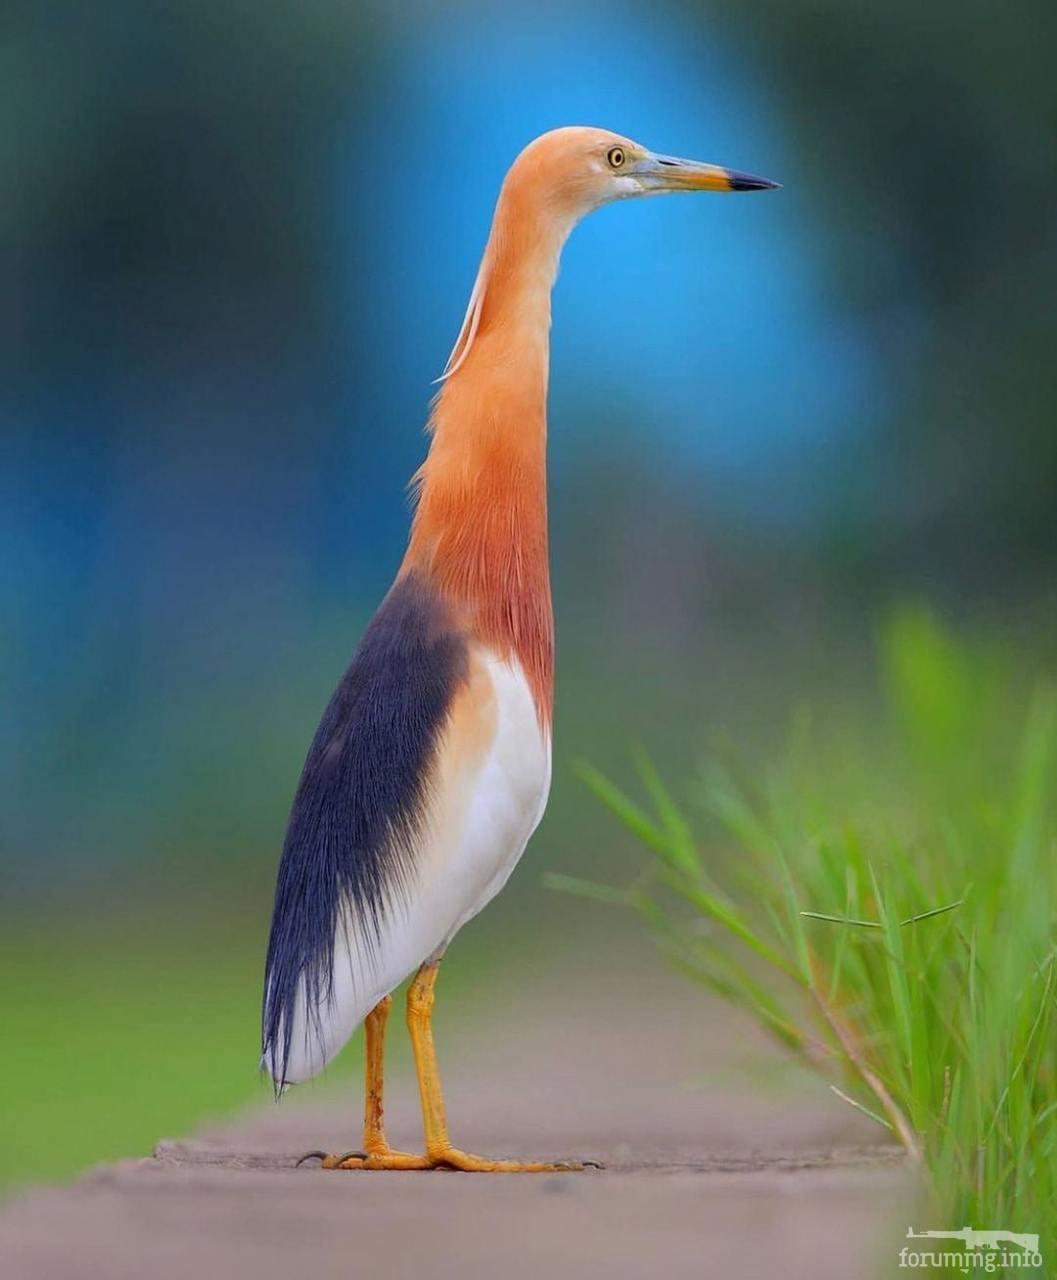 121852 - Красивые животные